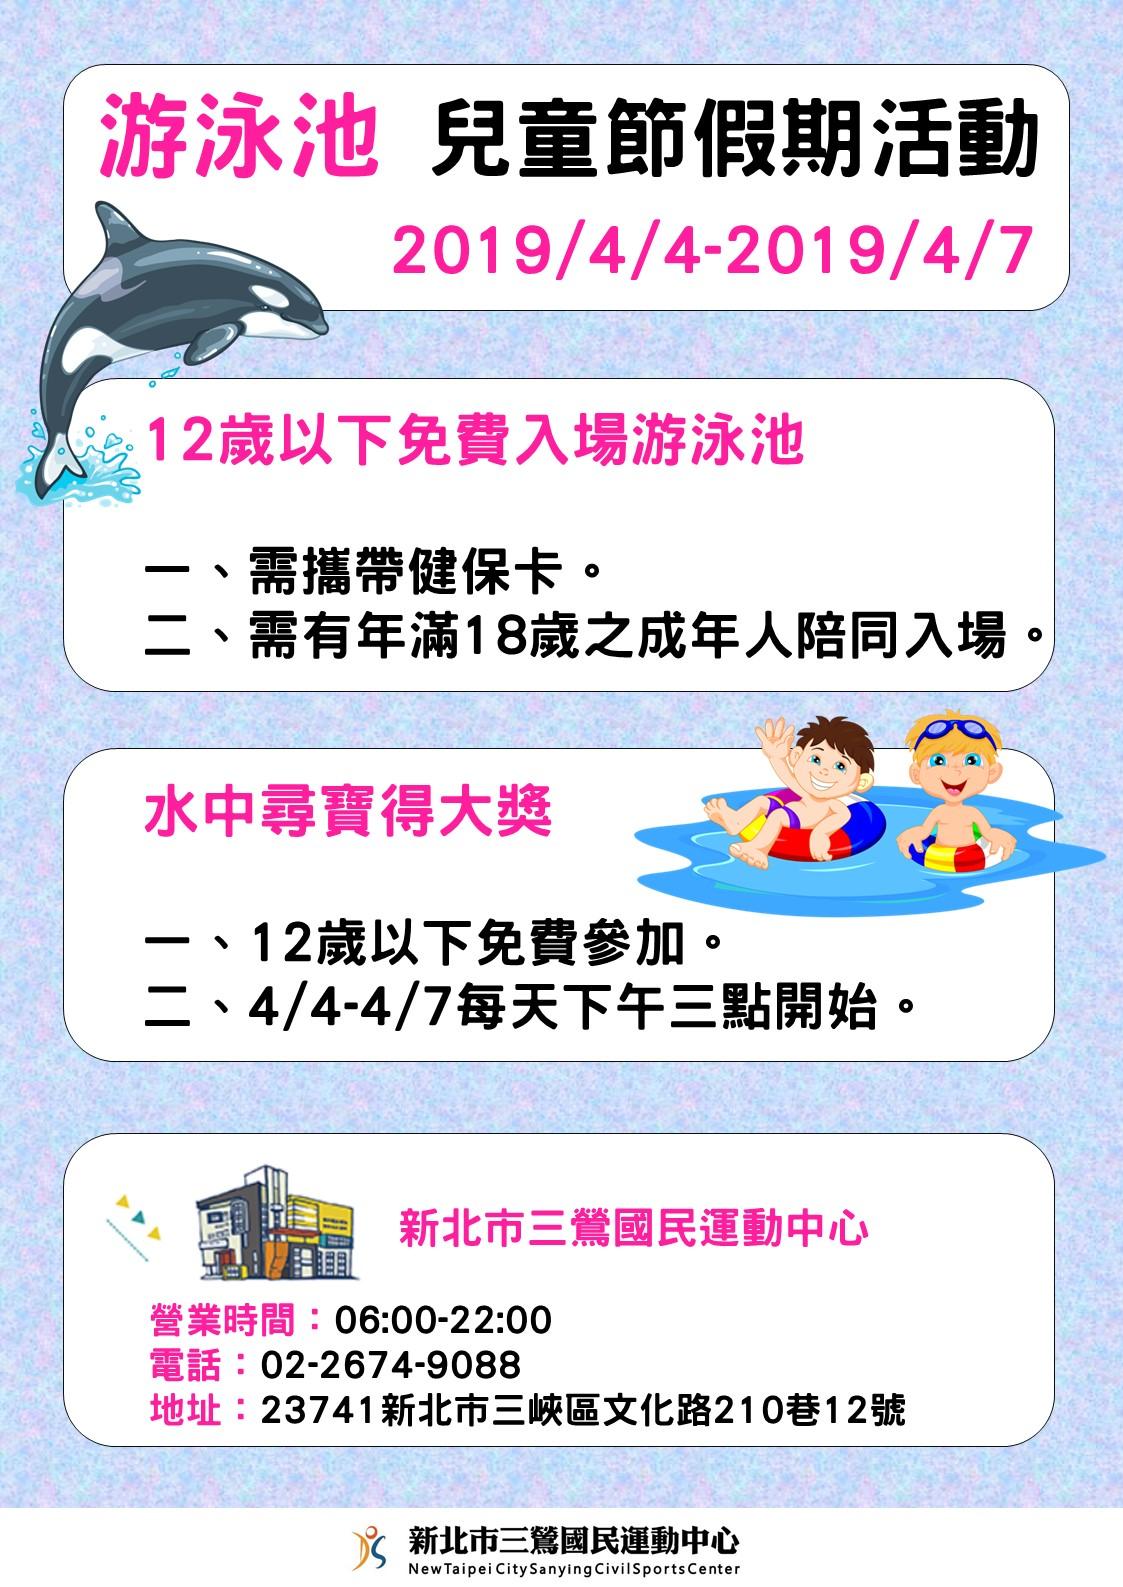 游泳池兒童節假期活動